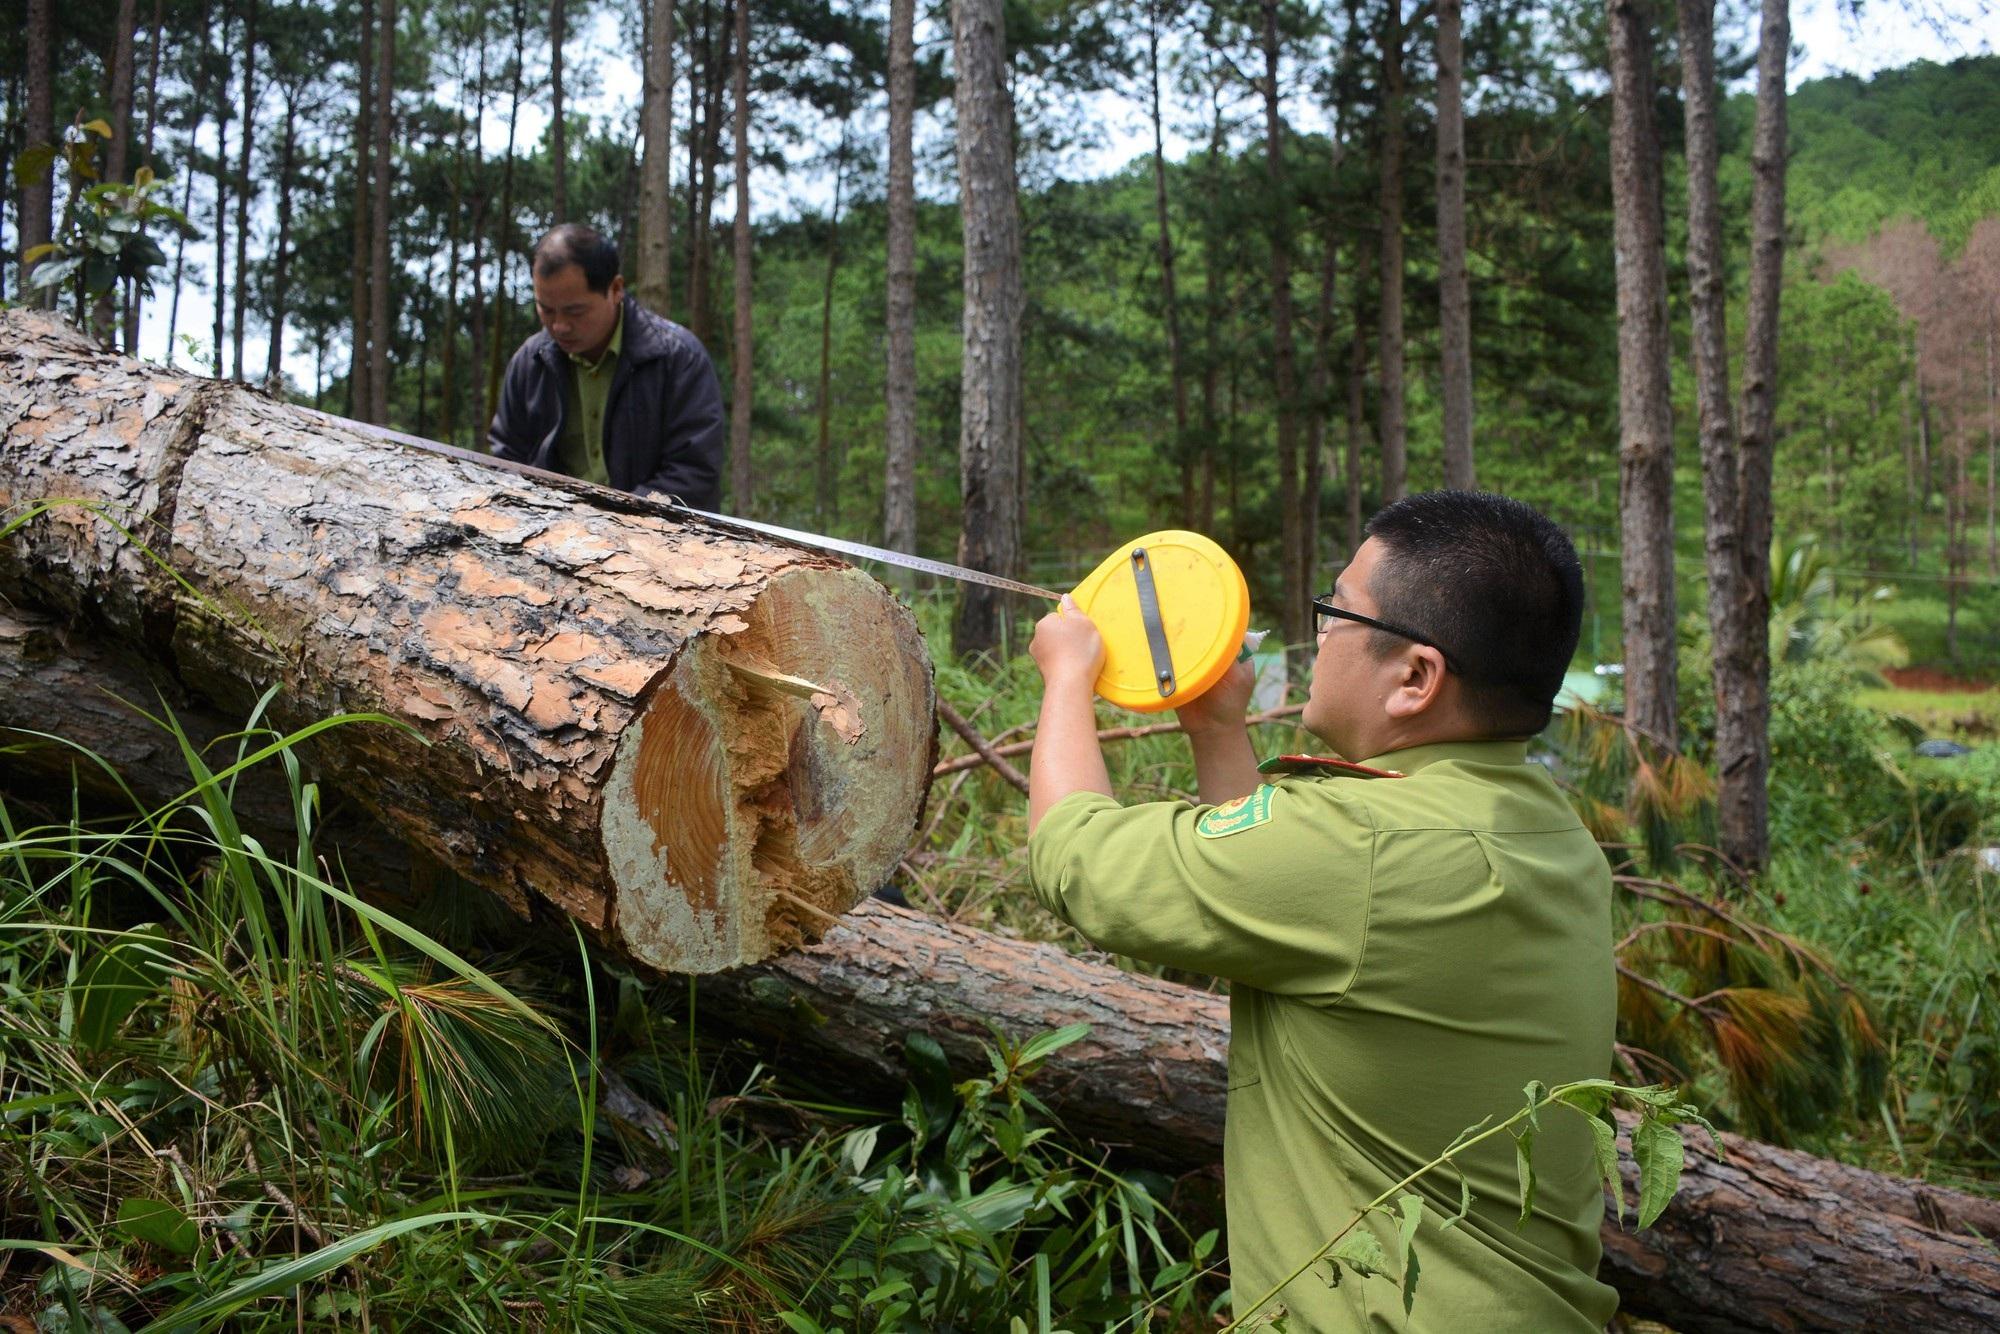 Điều tra vụ hàng trăm cây thông bị đầu độc tại Lâm Đồng - Ảnh 1.